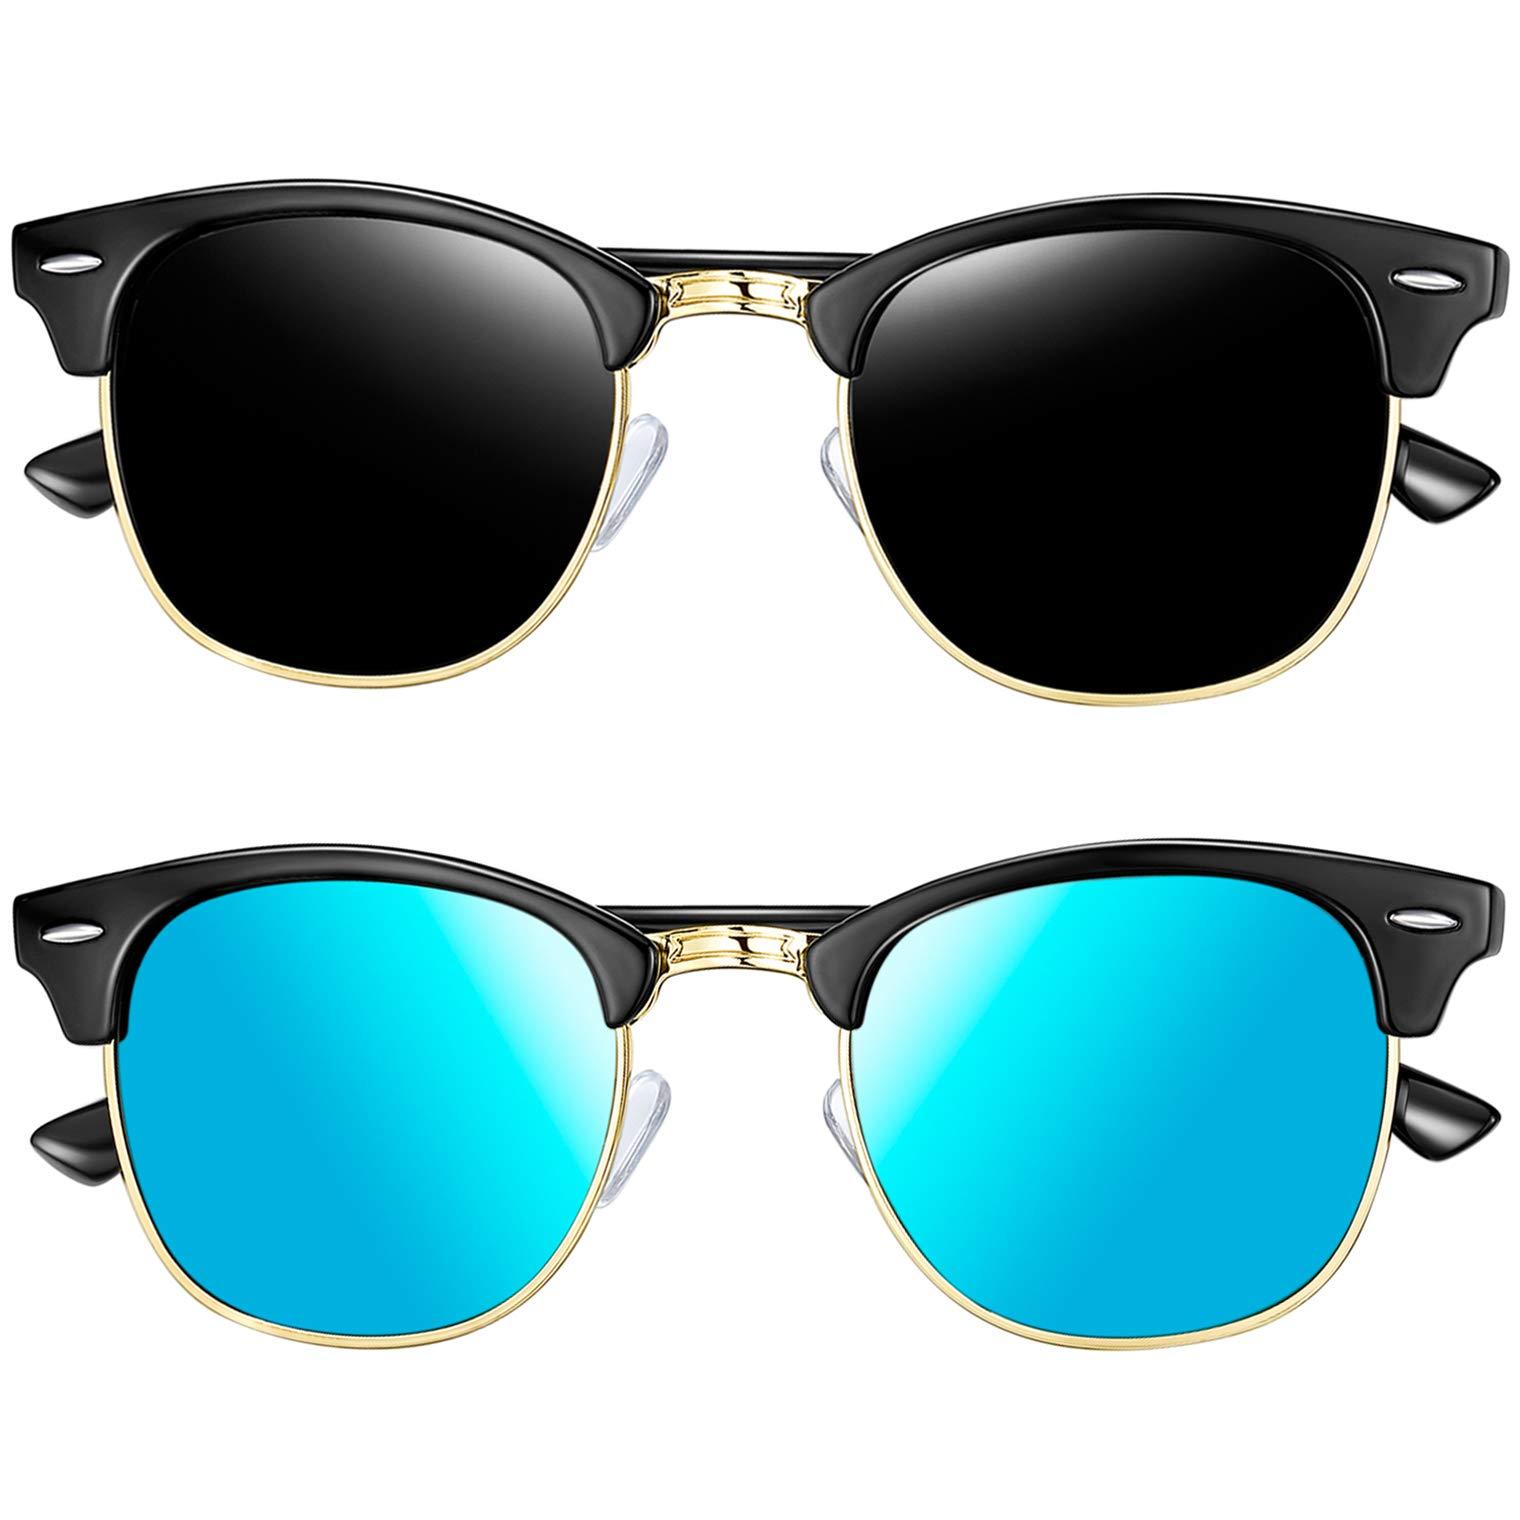 Joopin Semi-Rimless Sunglasses for Women Men, 2 Pack Horn Rimmed Half Frame Sunglasses Polarized (Black+Blue) by Joopin